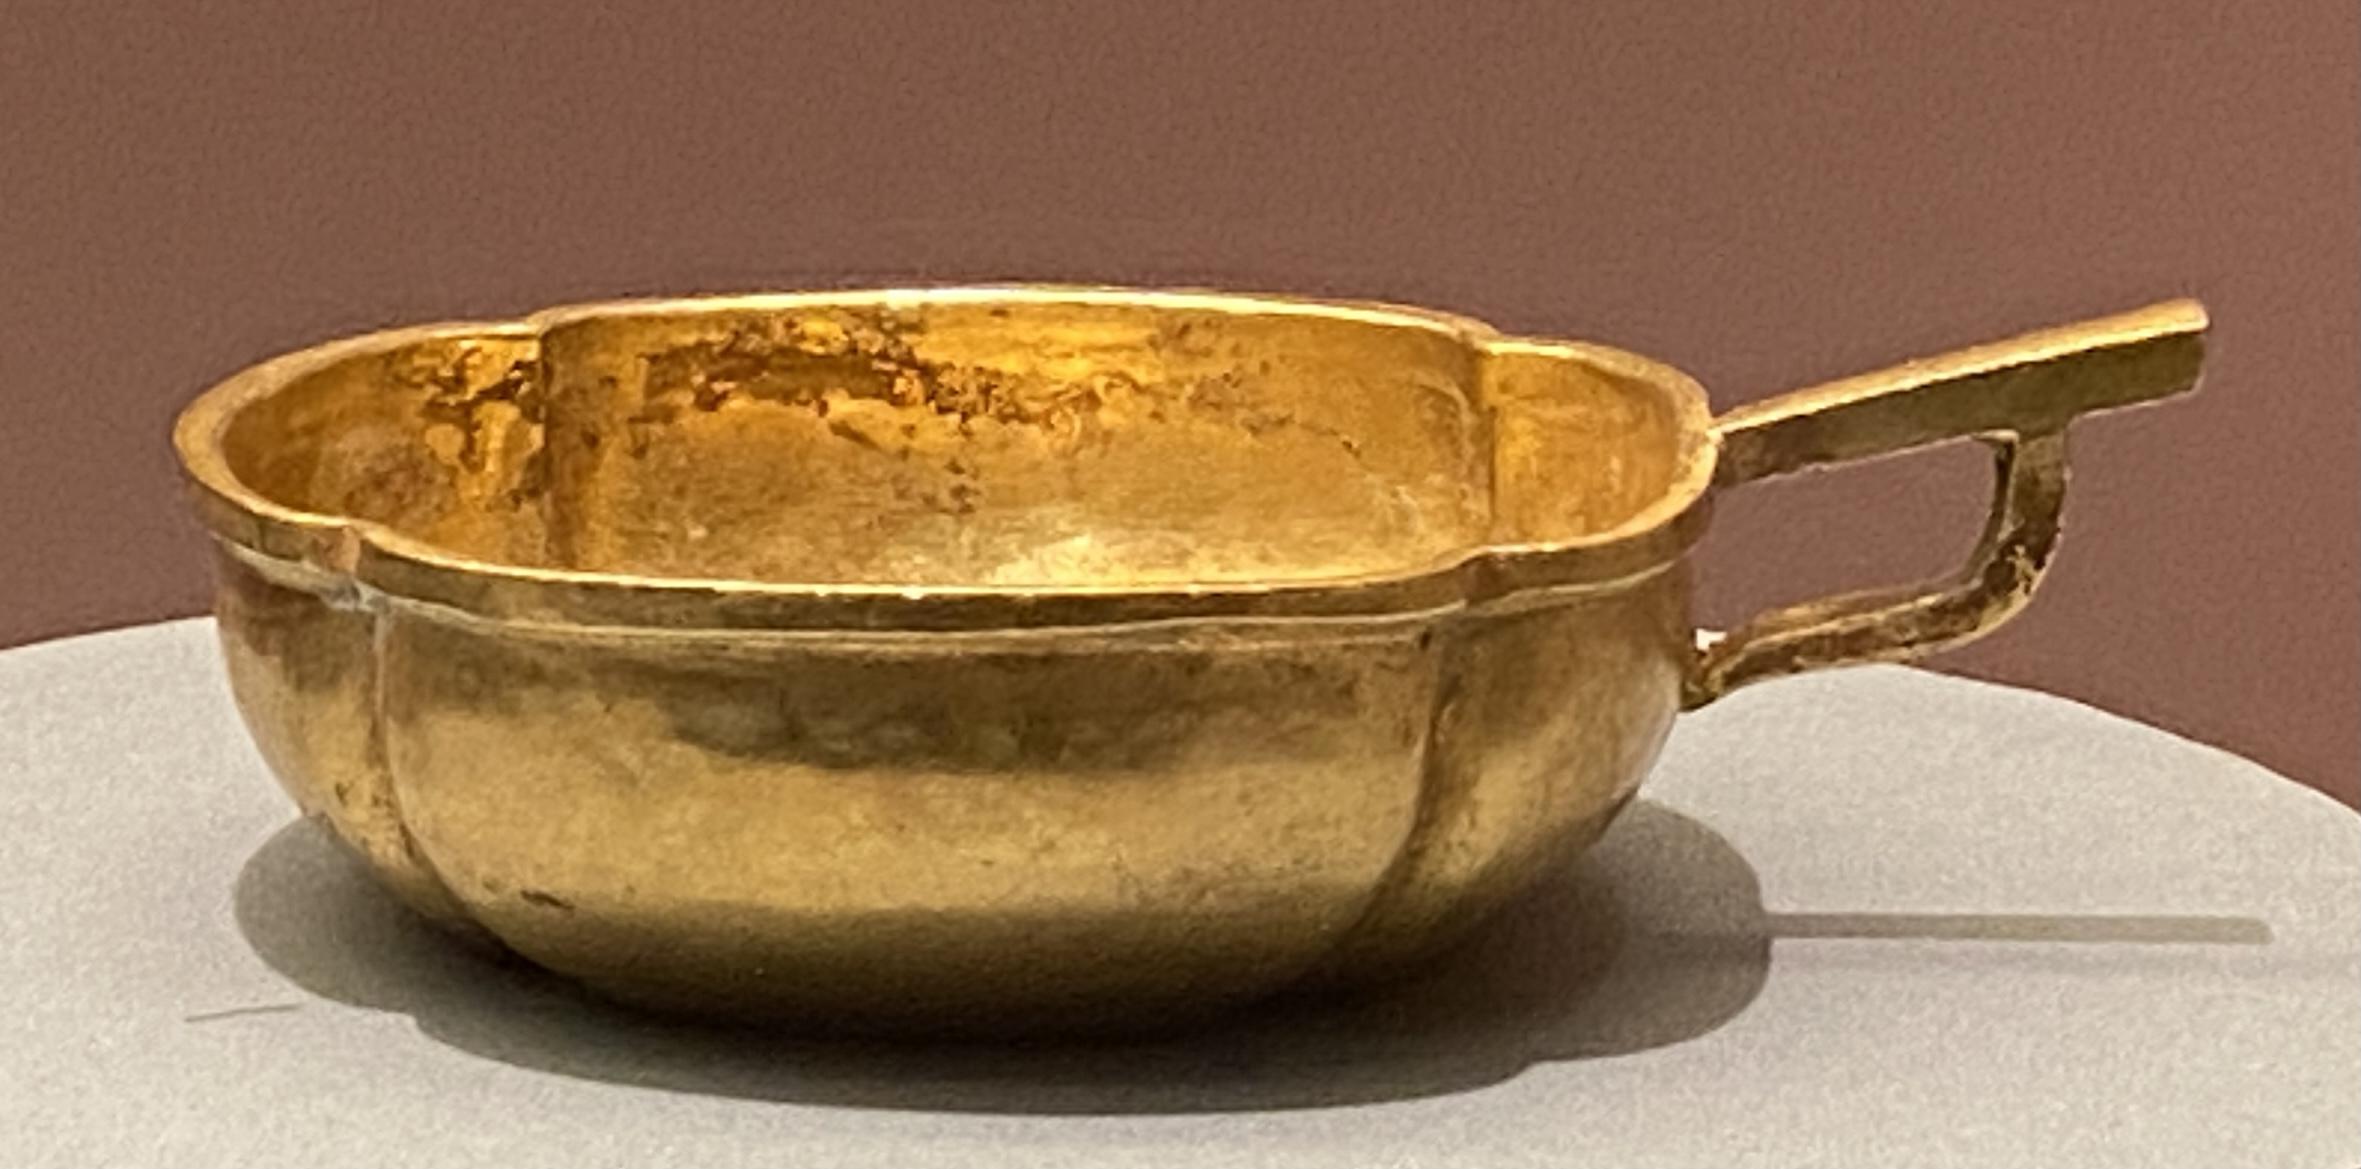 片把海棠式金杯-元時代-特別展【食味人間】四川博物院・中国国家博物館